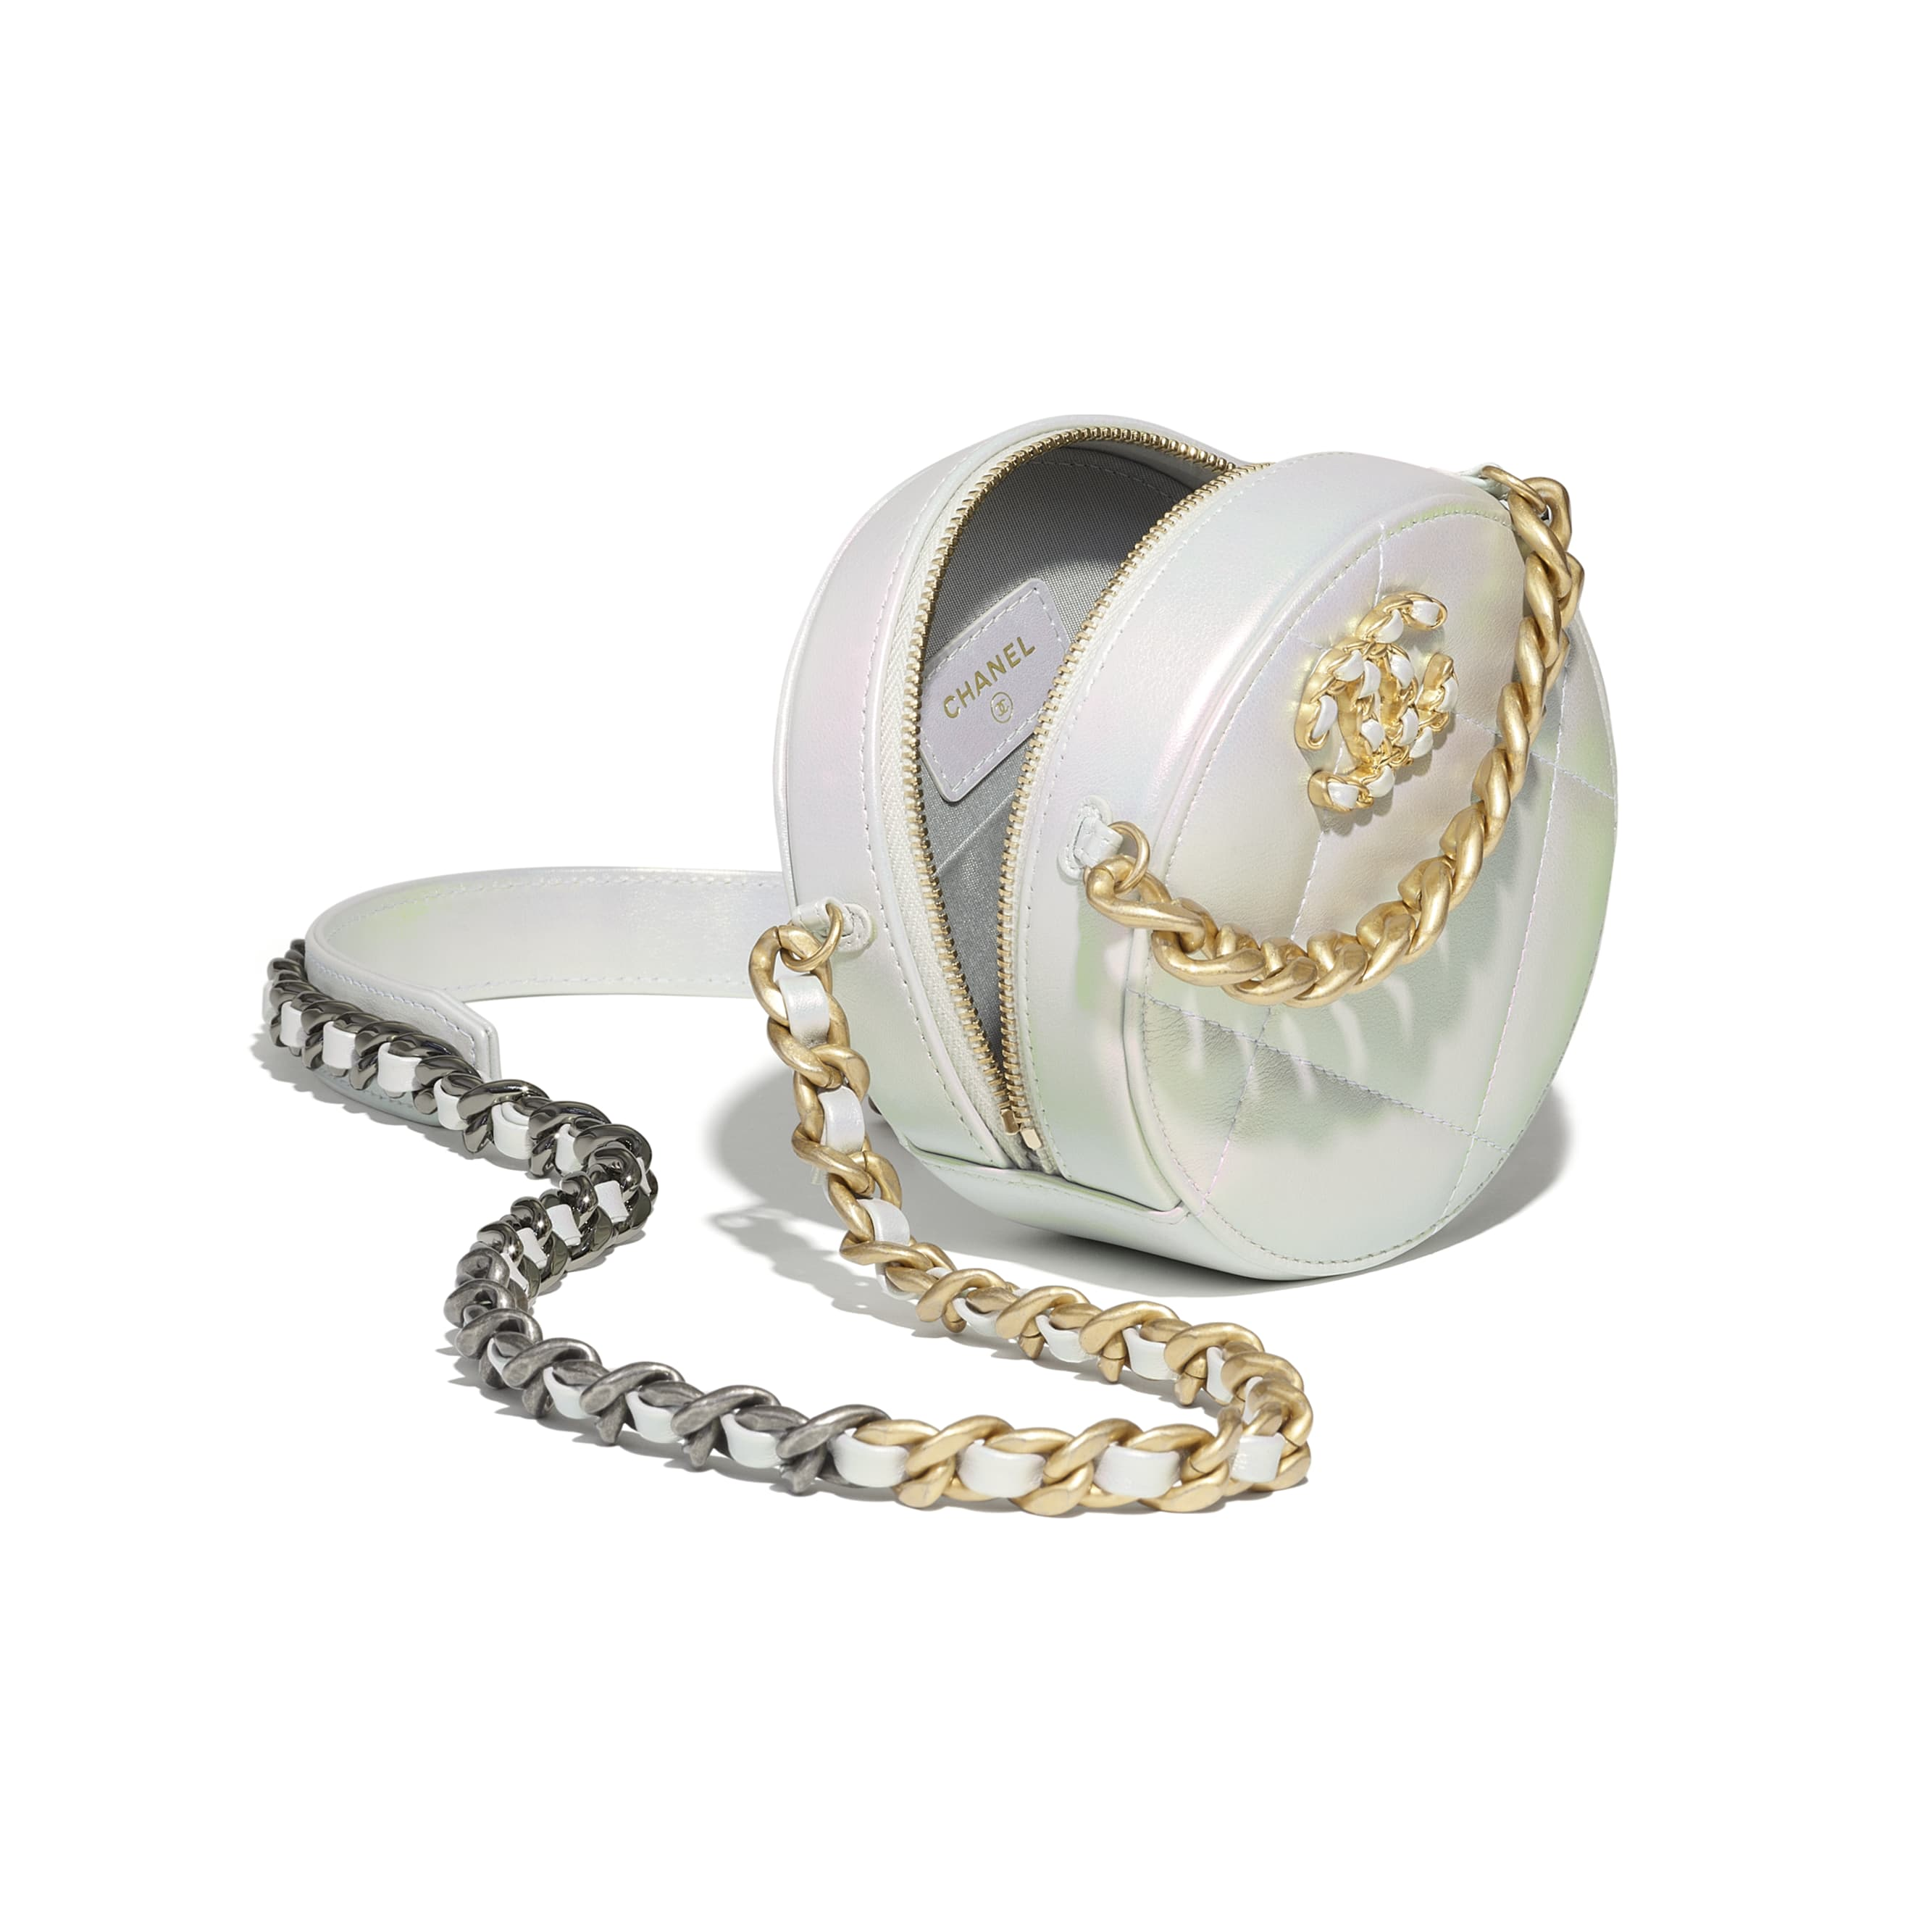 Pochette mit Kette CHANEL 19 - Weiß - Irisierendes Kalbsleder, gold-, silber- & rutheniumfarbenes Metall - CHANEL - Weitere Ansicht - Standardgröße anzeigen